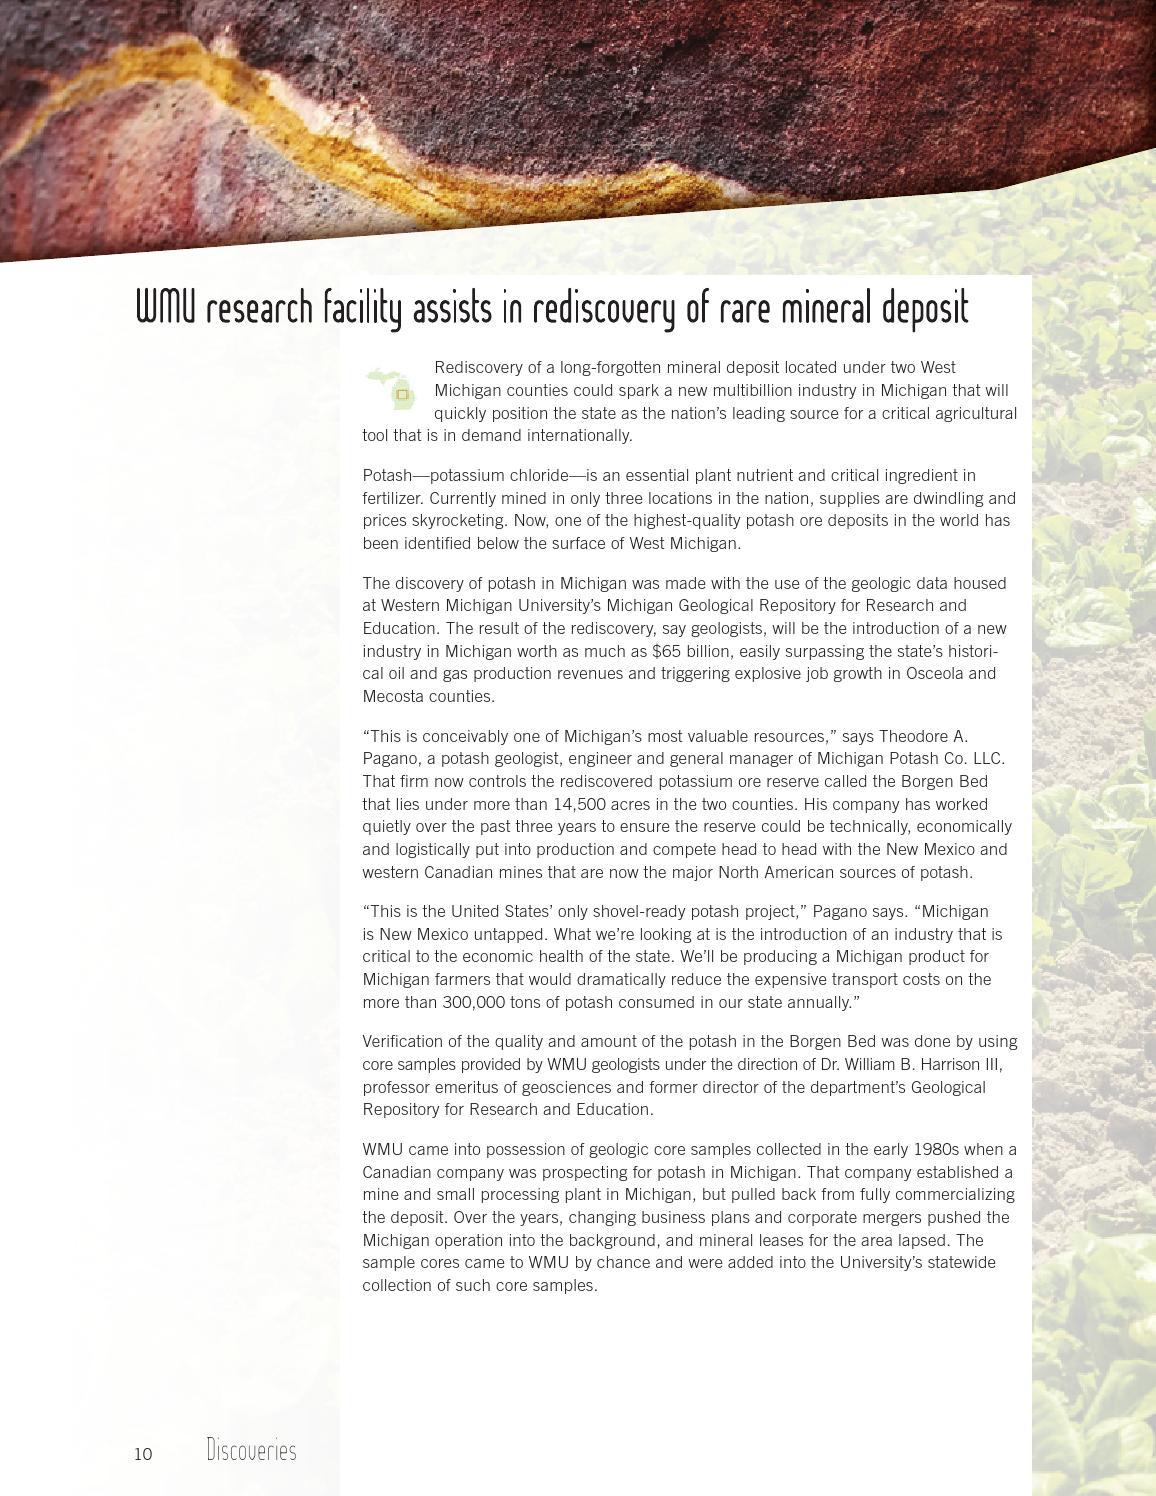 WMU Research Annual Report 2013